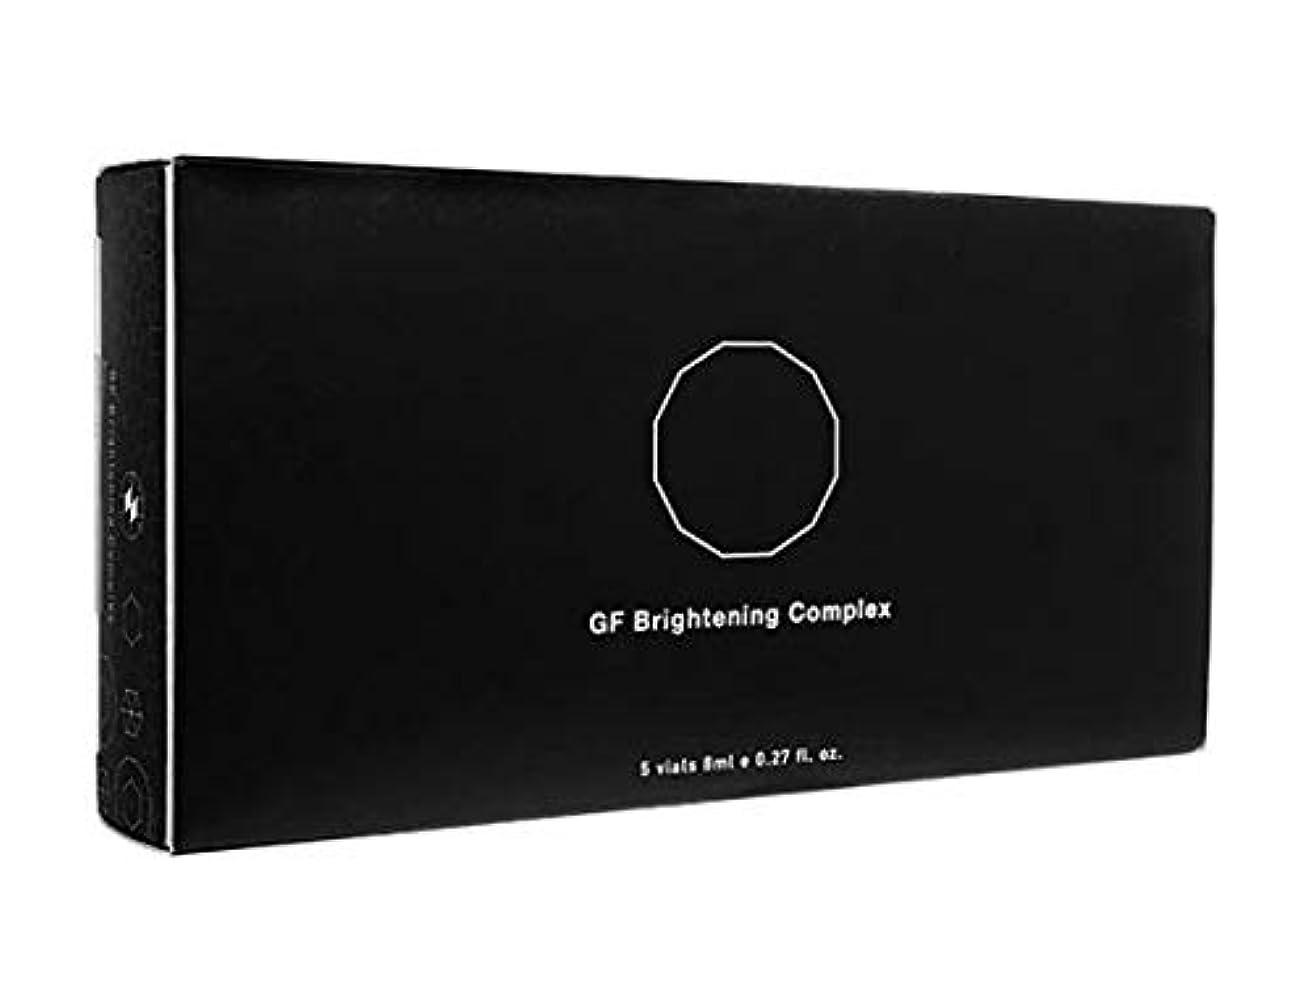 食べる付き添い人売り手べネブ ブライトニング コンプレックス 8ml 5本 (Benev) GF Brightening Complex